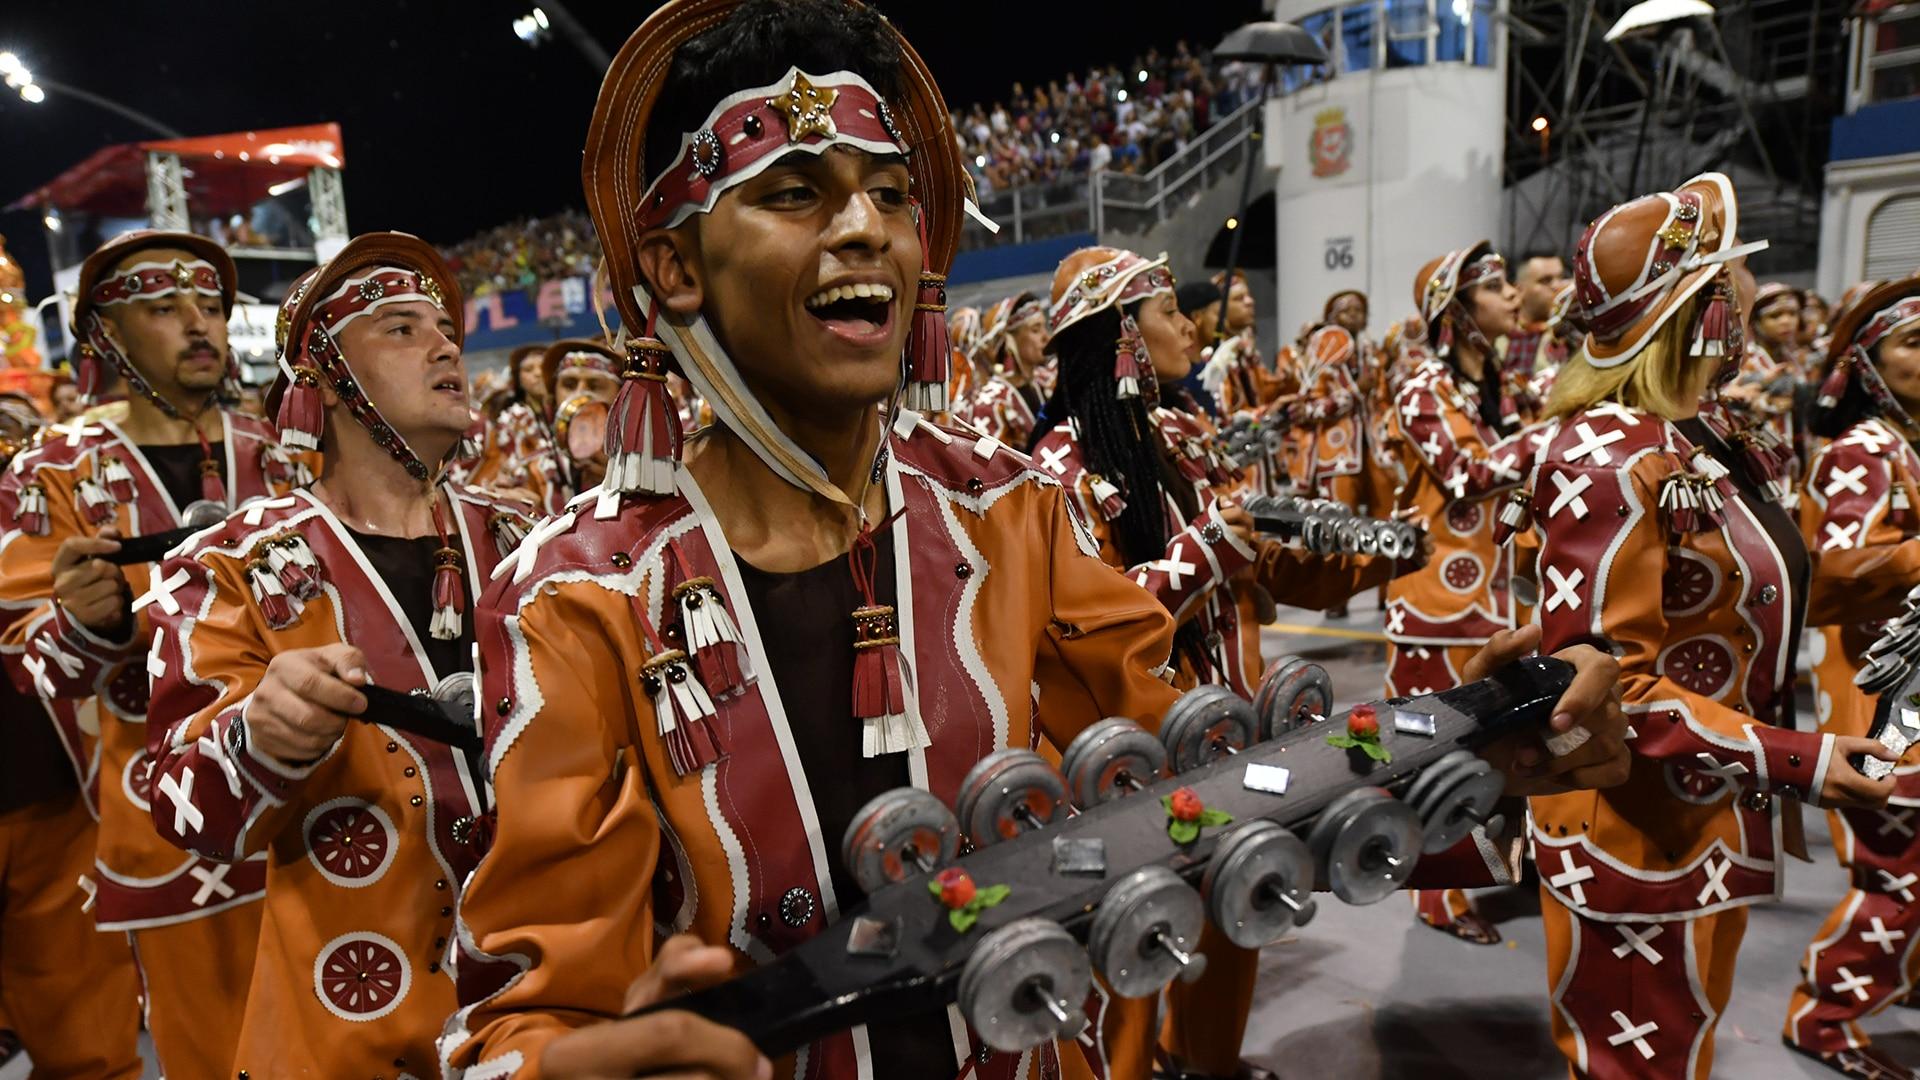 Veja os melhores momentos do desfile da Dragões da Real